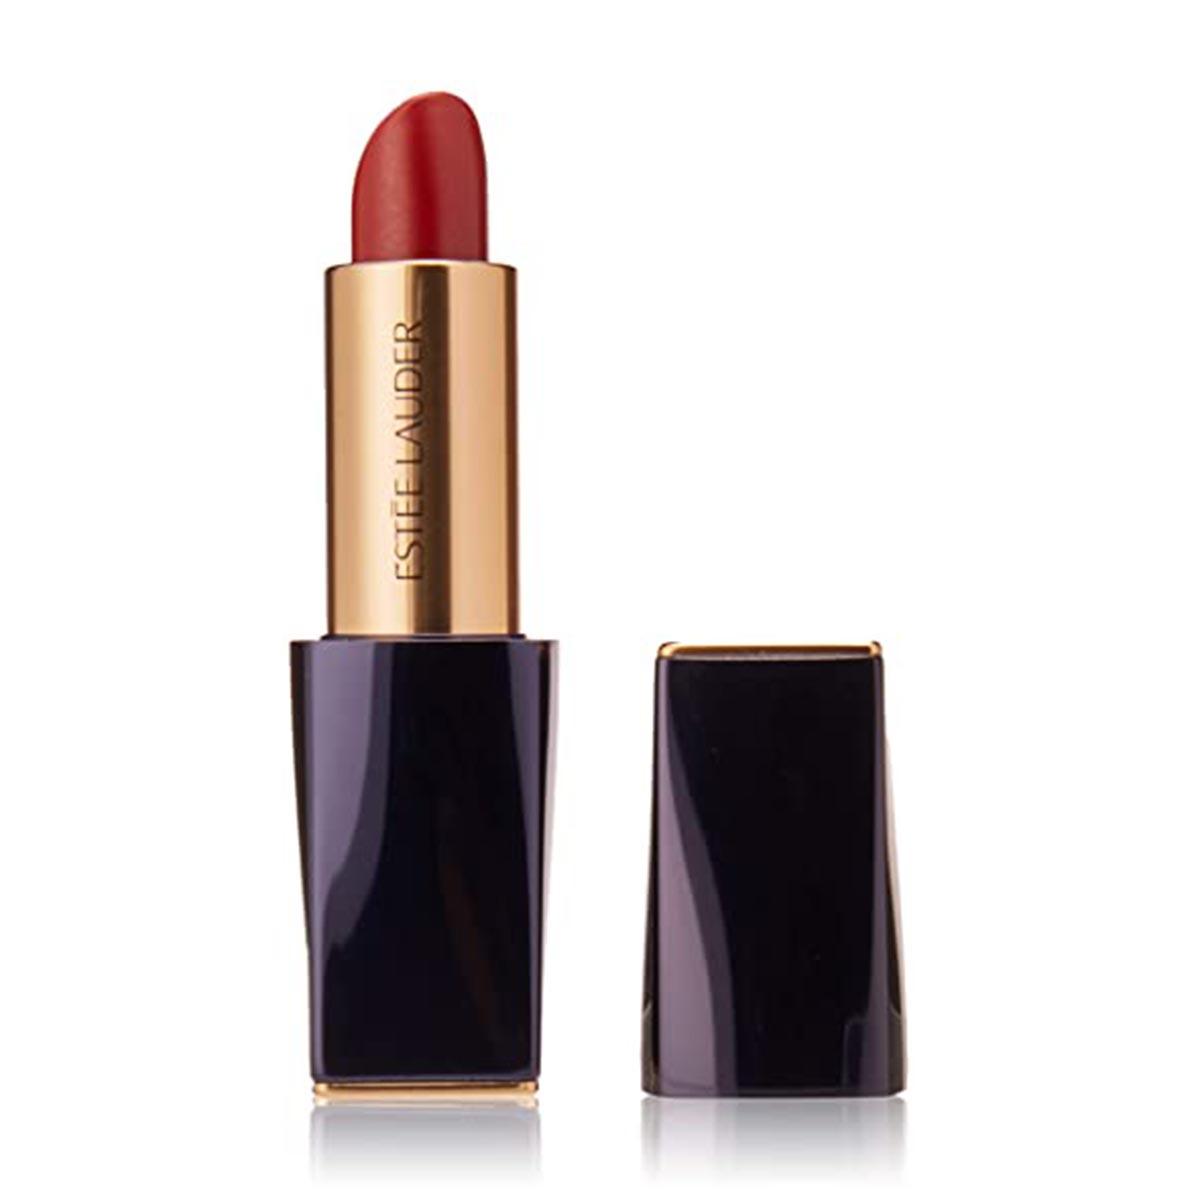 Estee lauder pure color envy matte lipstick 120 irrepressible